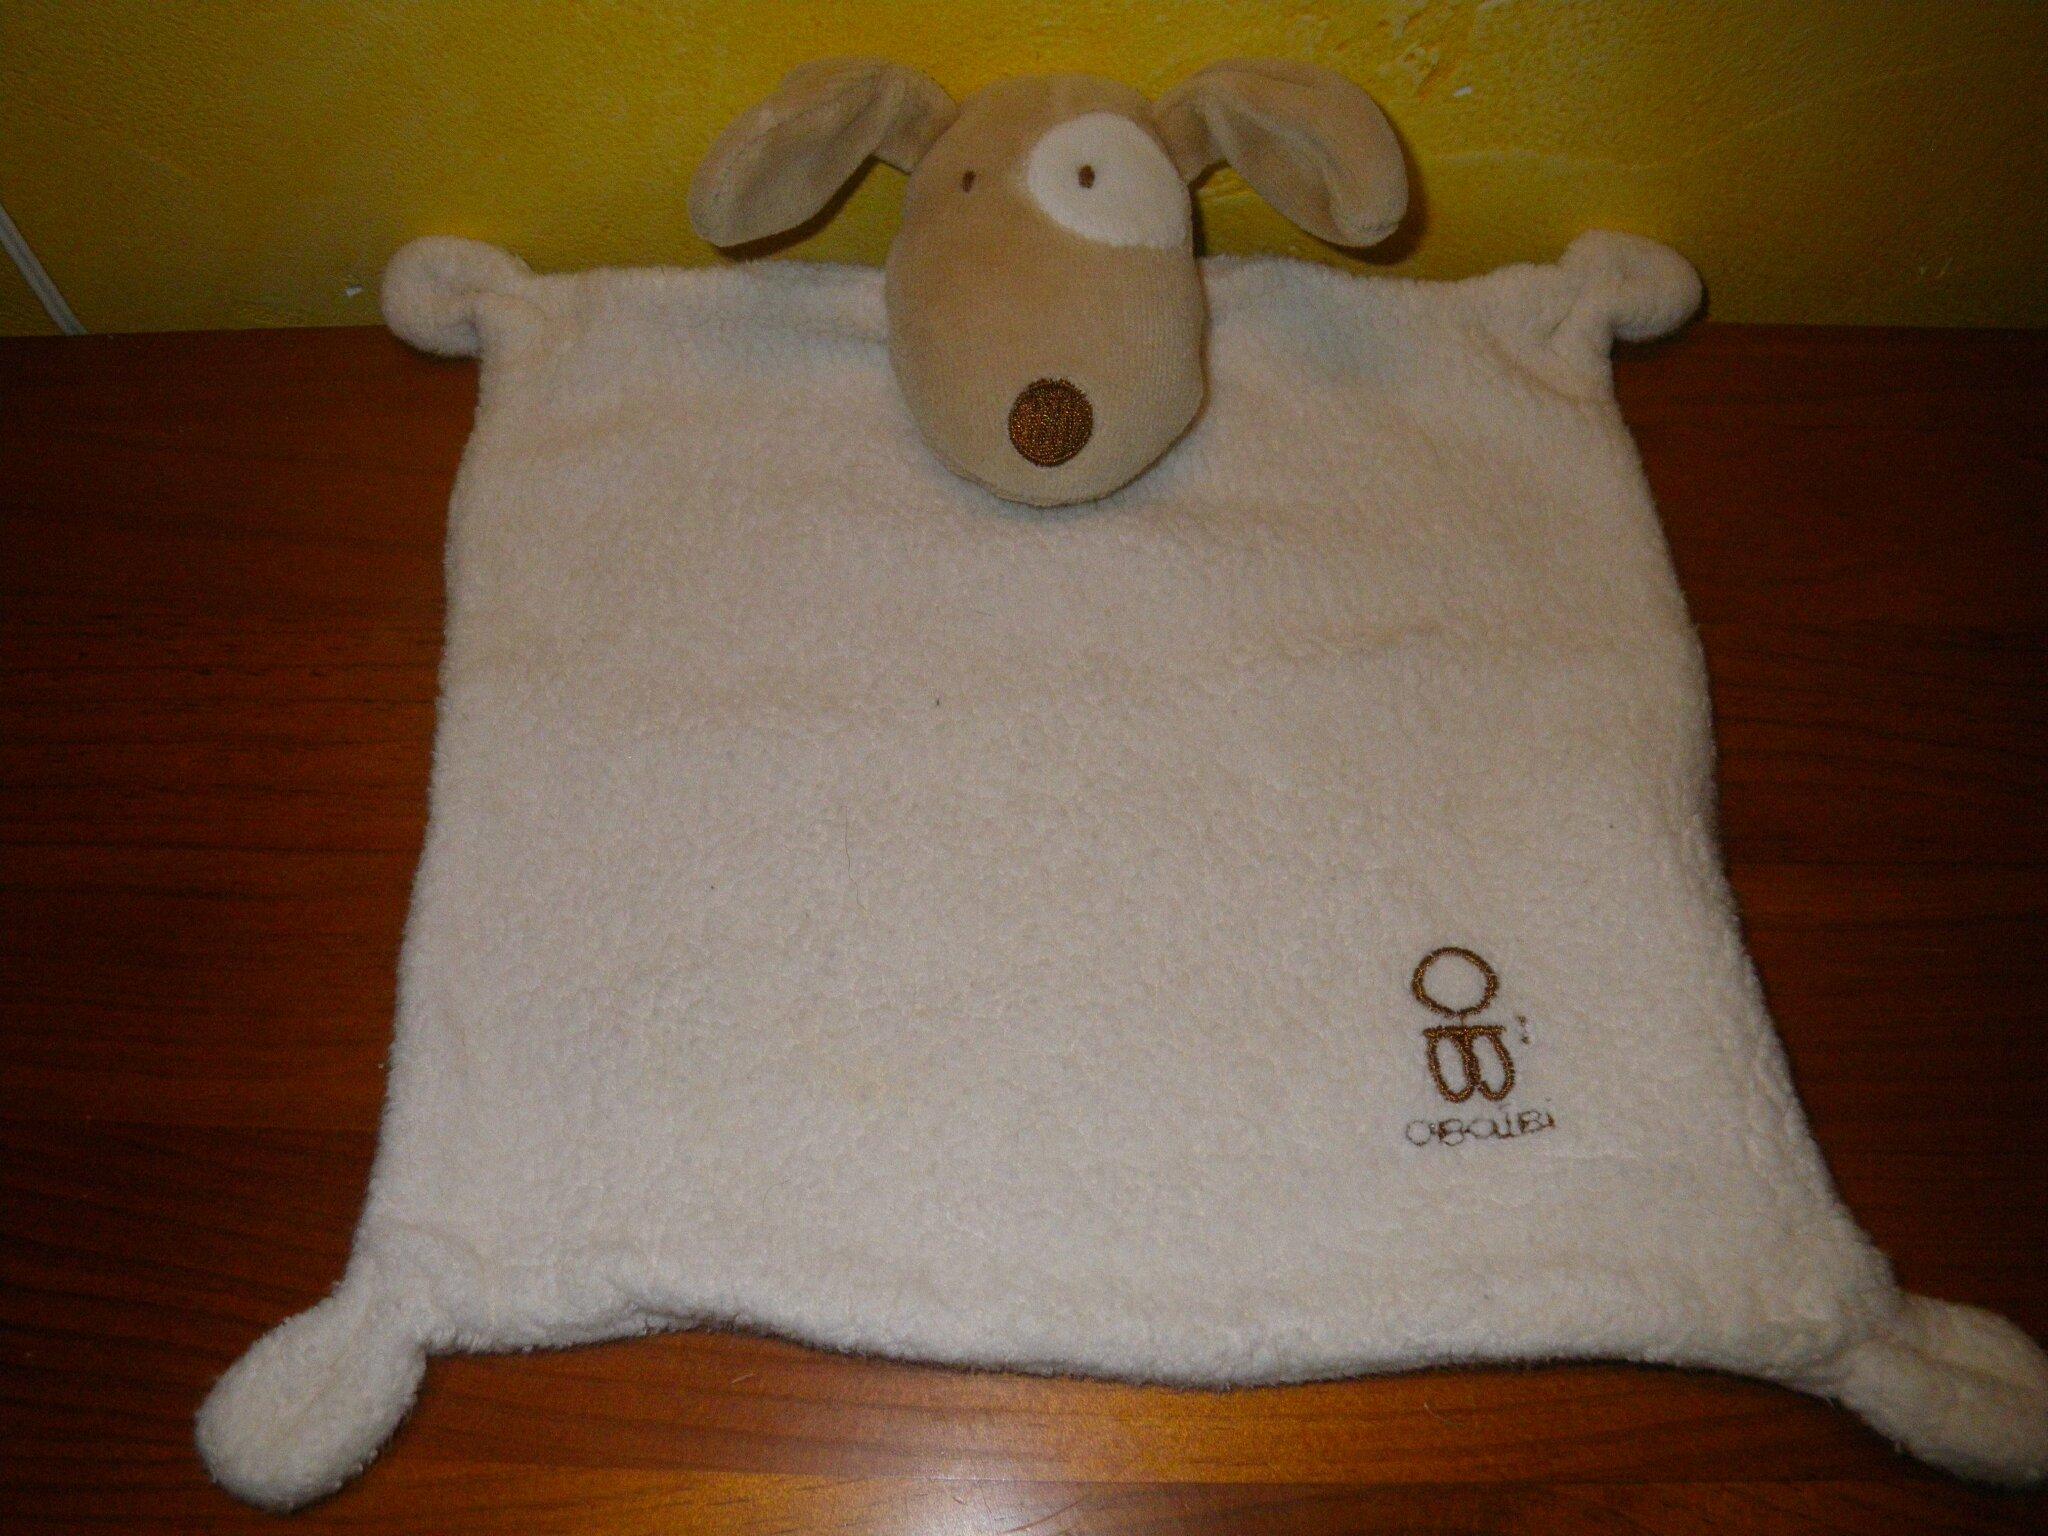 chien marque Obaïbi (de chez Okaïdi), doudou plat